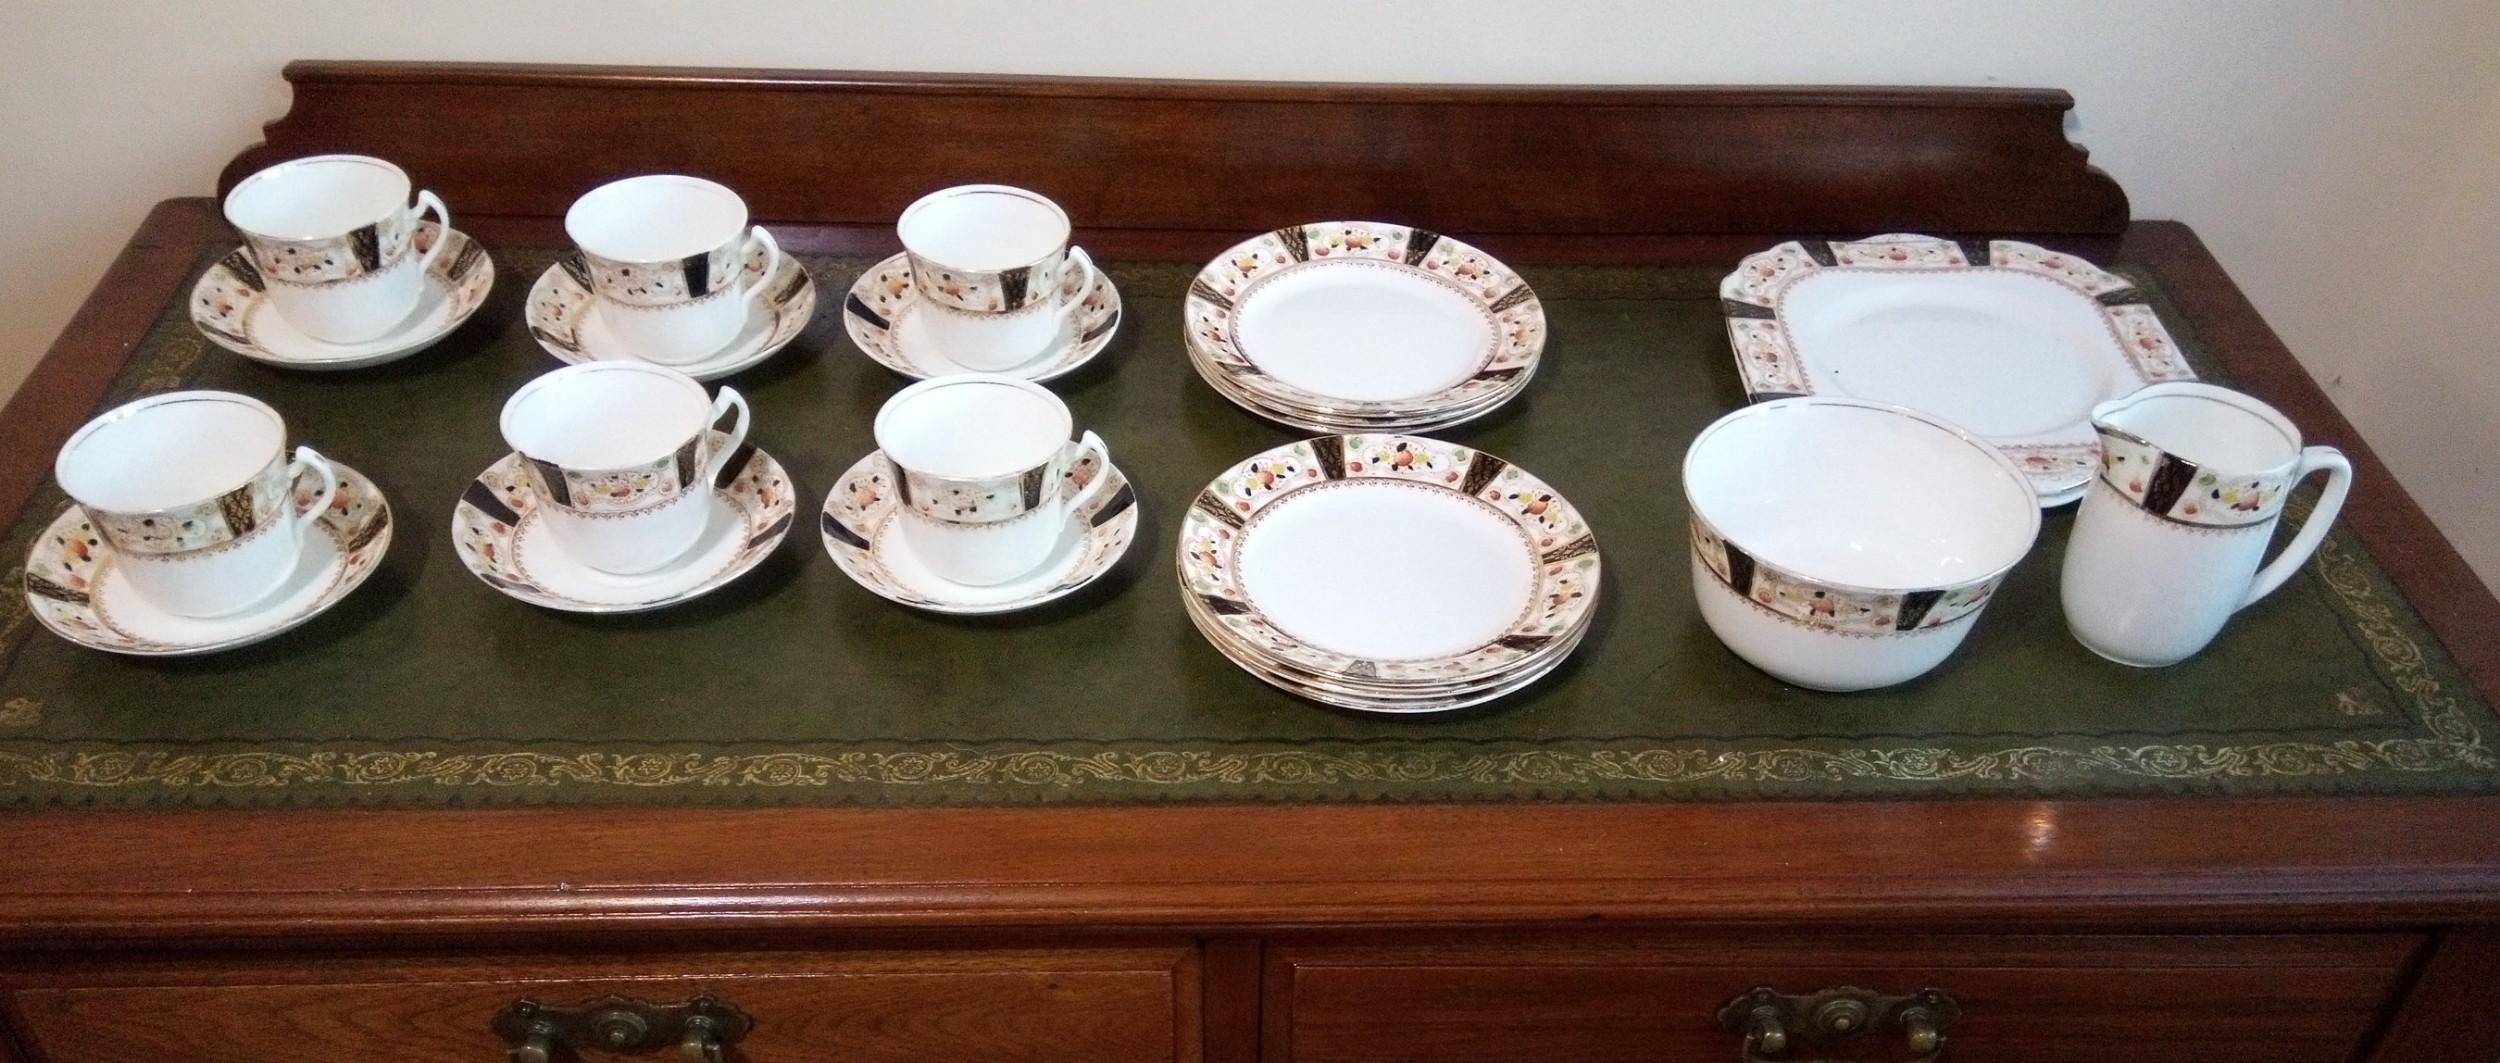 attractive china tea service gladstone potteries